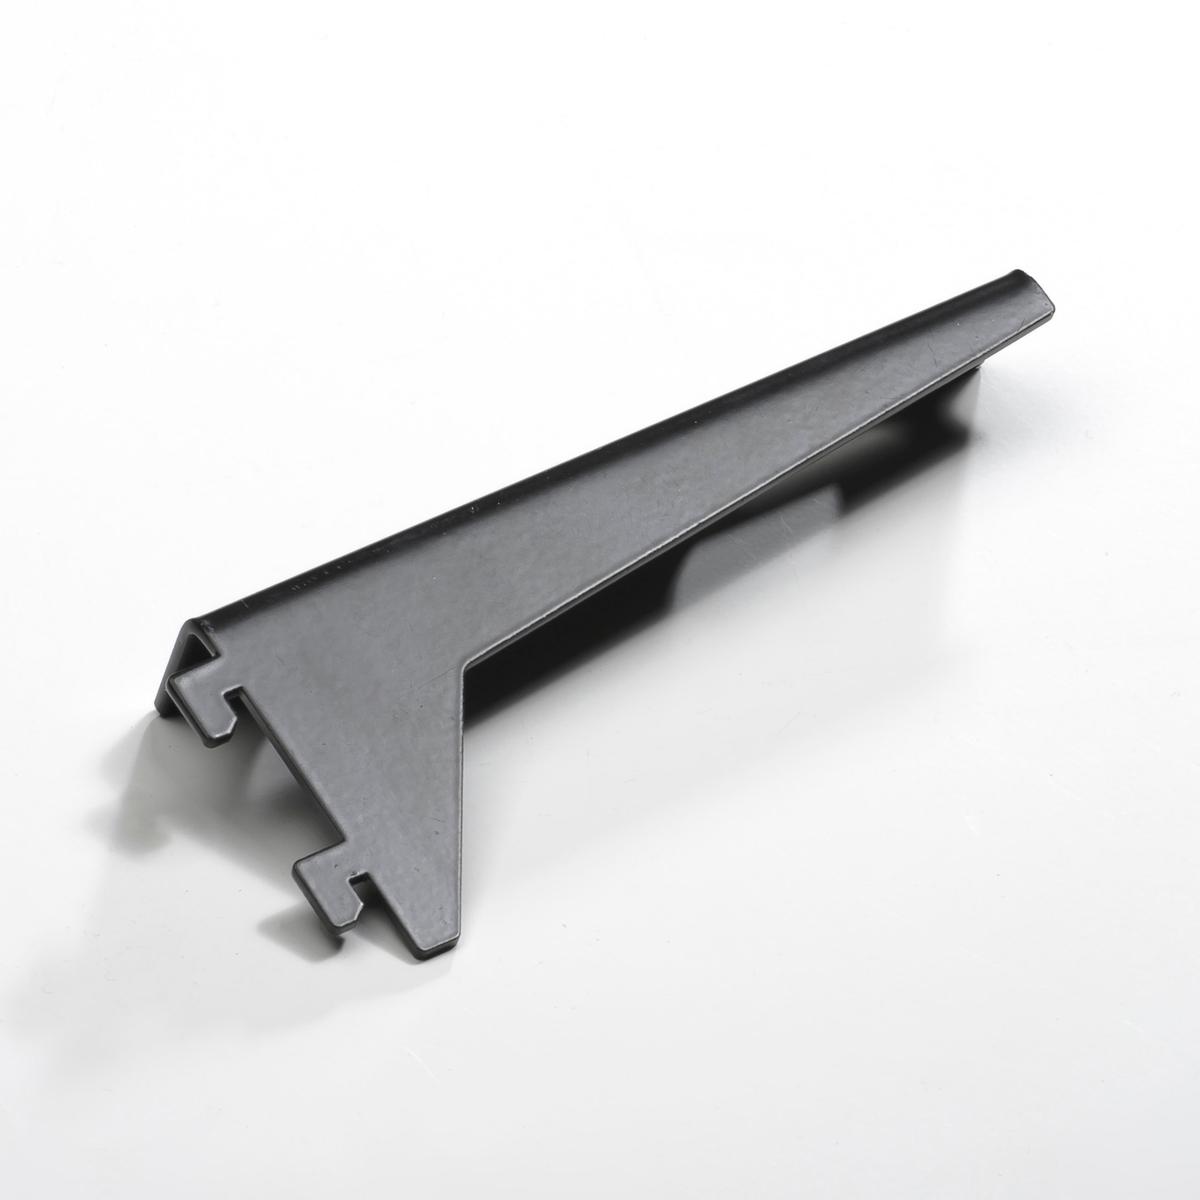 Комплект из 8 угловых кронштейнов TaktikЭти угловые кронштейны необходимы для ящиков и письменного стола Taktik, продающихся на нашем сайте. Крепление к стойке (винты продаются отдельно). Из металла с эпоксидным покрытием. Дл.. 12,8 x Шир.. 2,5 x Выс.. 5,2 см.<br><br>Цвет: белый,черный<br>Размер: комплект из 8 - T1